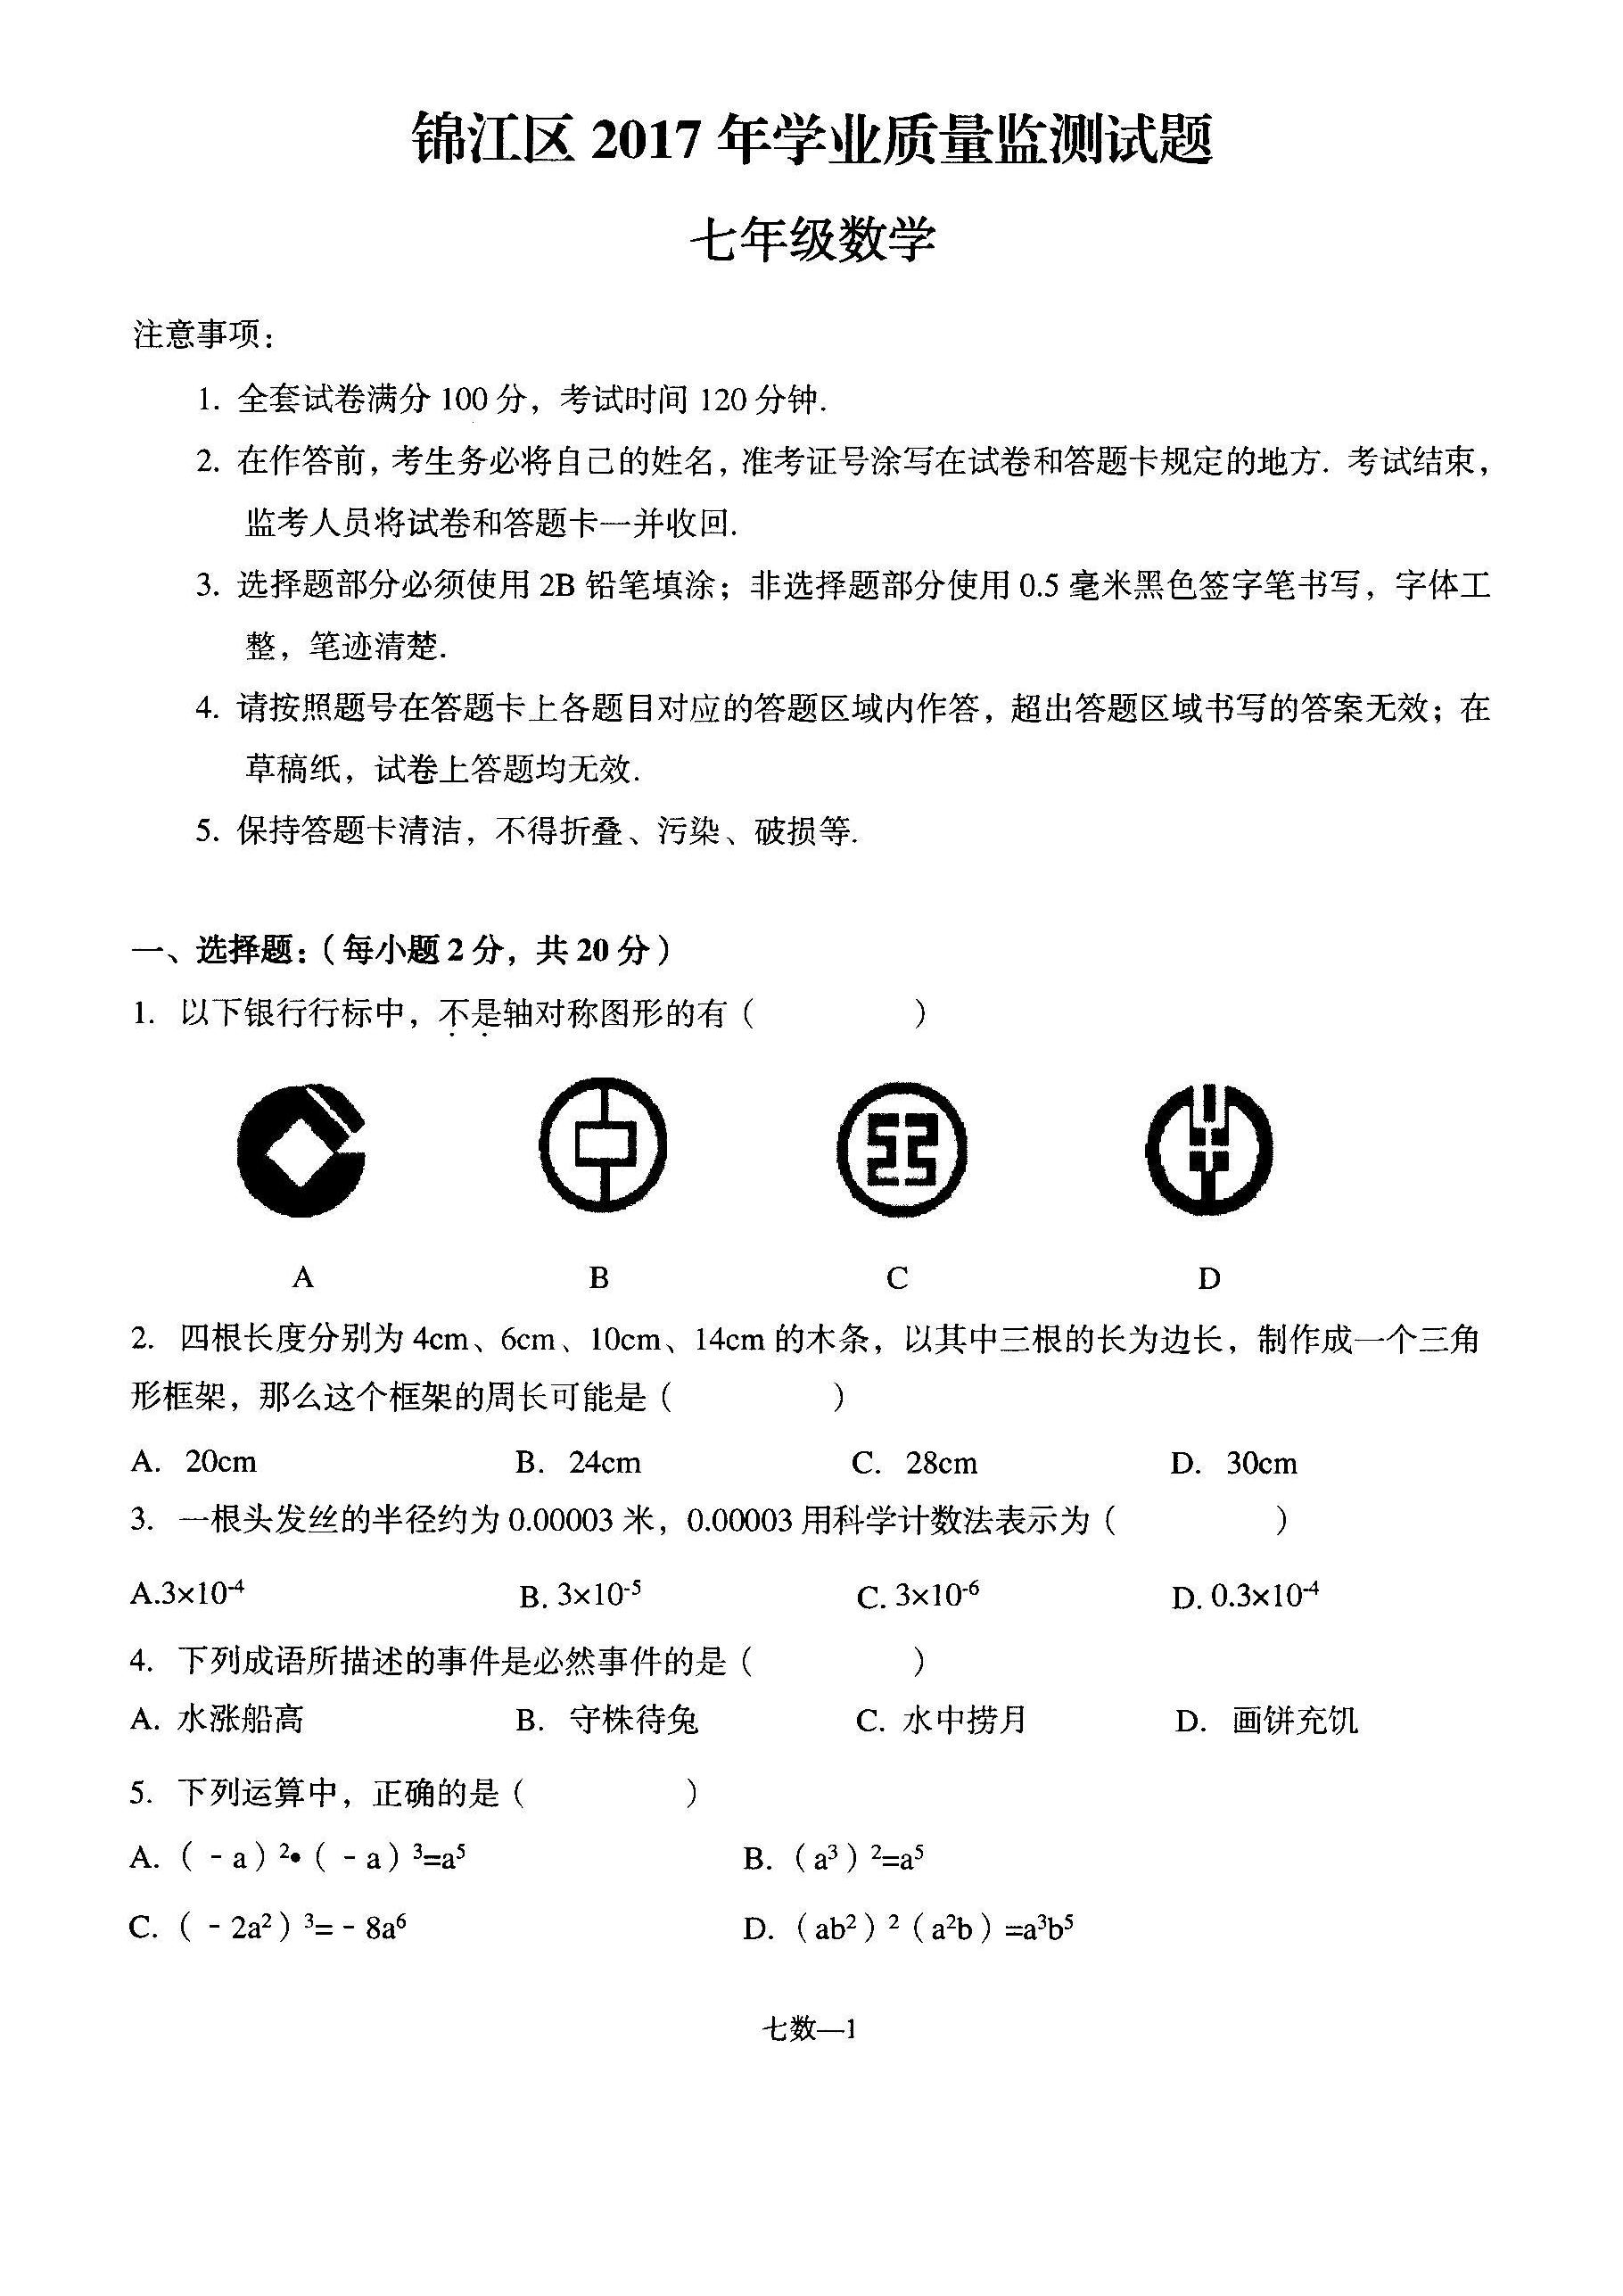 四川成都锦江2017年七年级下数学试题(Word版)